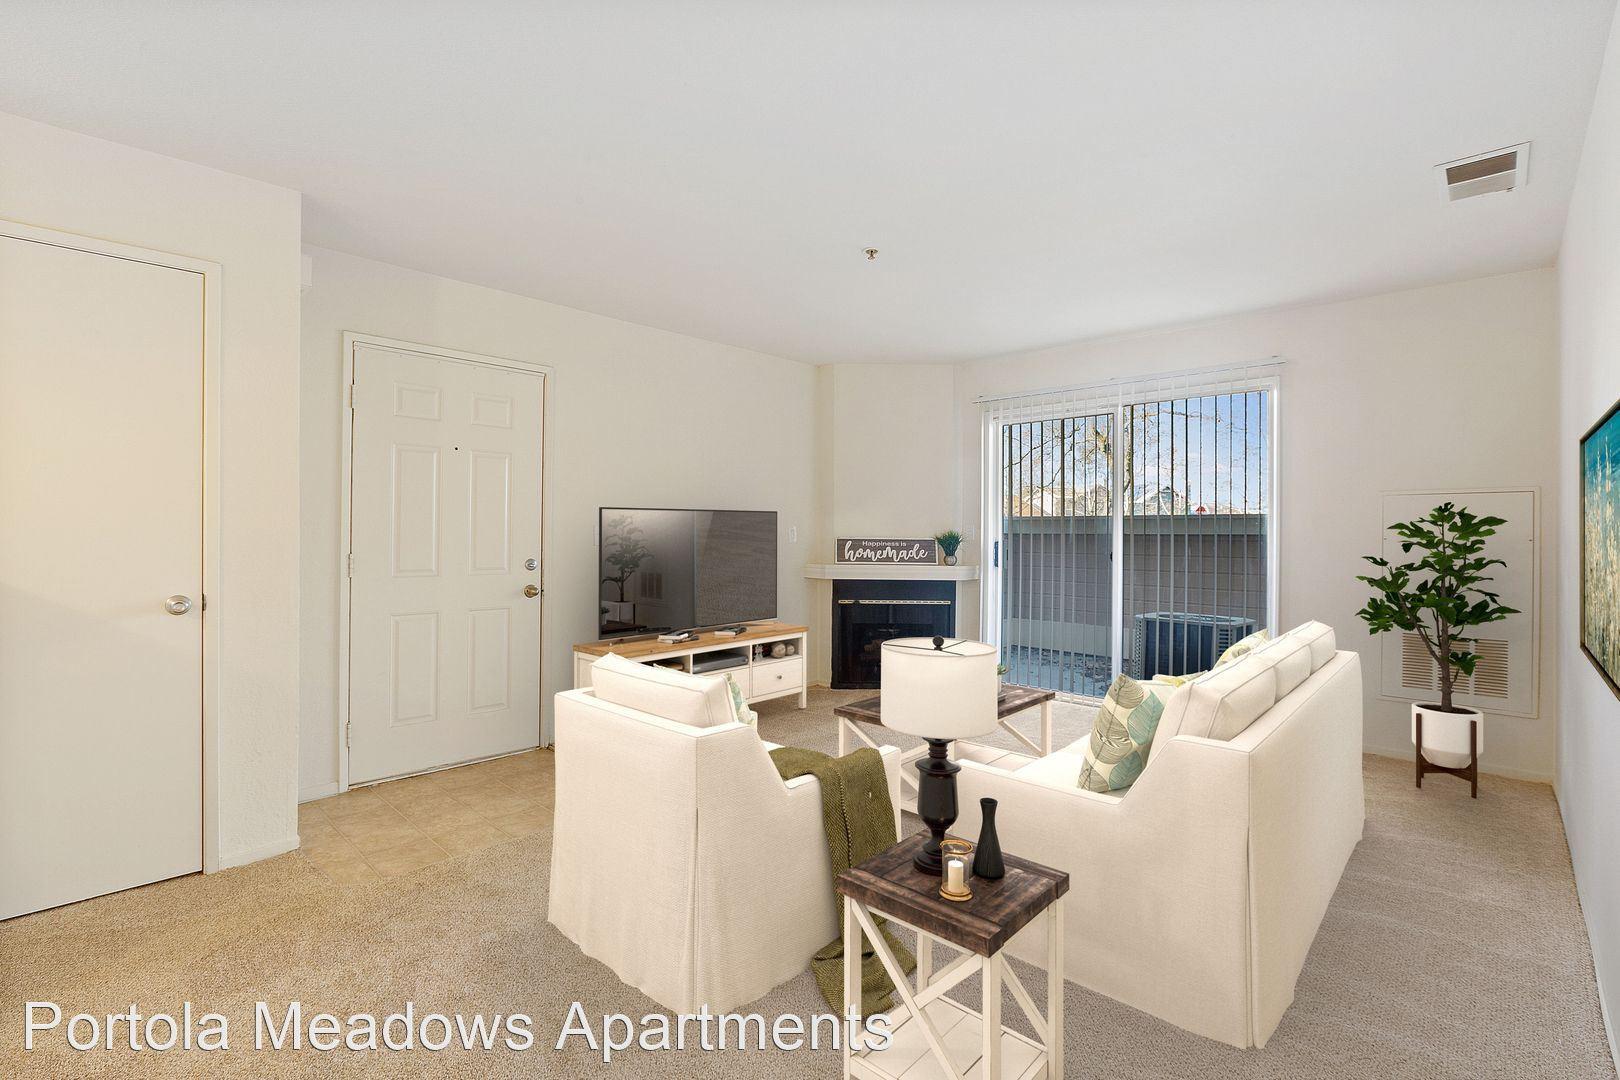 Apartments Near Las Positas 1160 Portala Meadows Road for Las Positas College Students in Livermore, CA